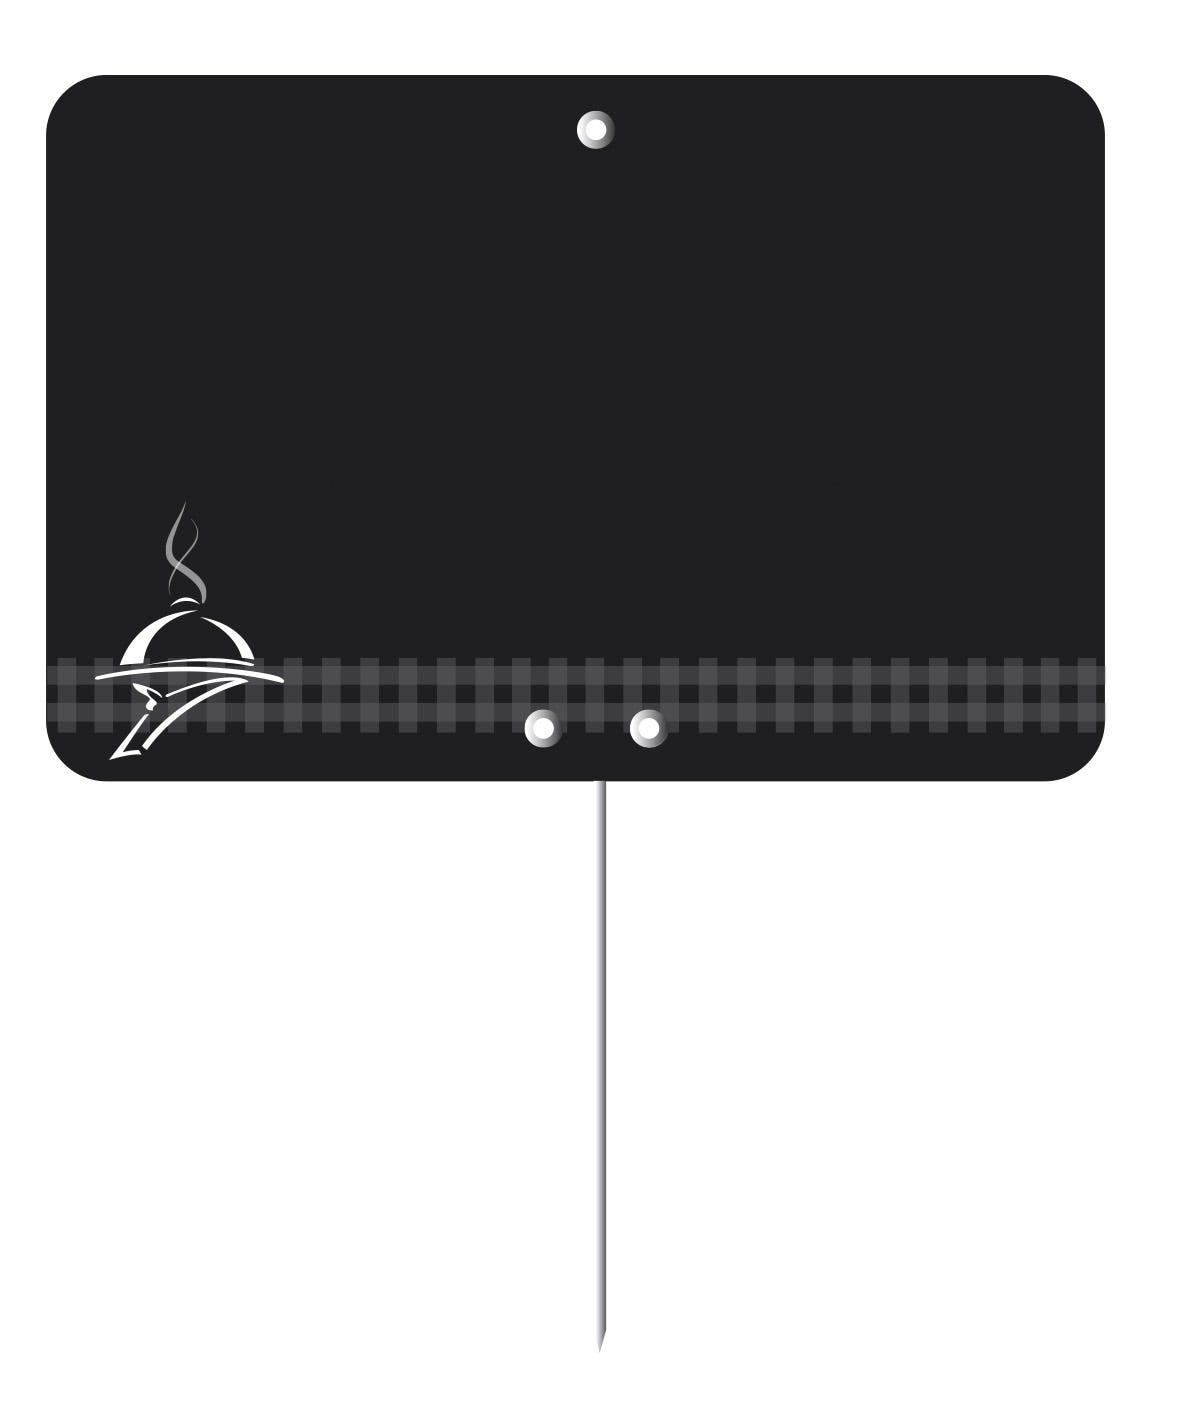 Etiquette  pique-inox 'TOUT COMPRIX' charcuterie-traiteur noir 8x6cm par 10